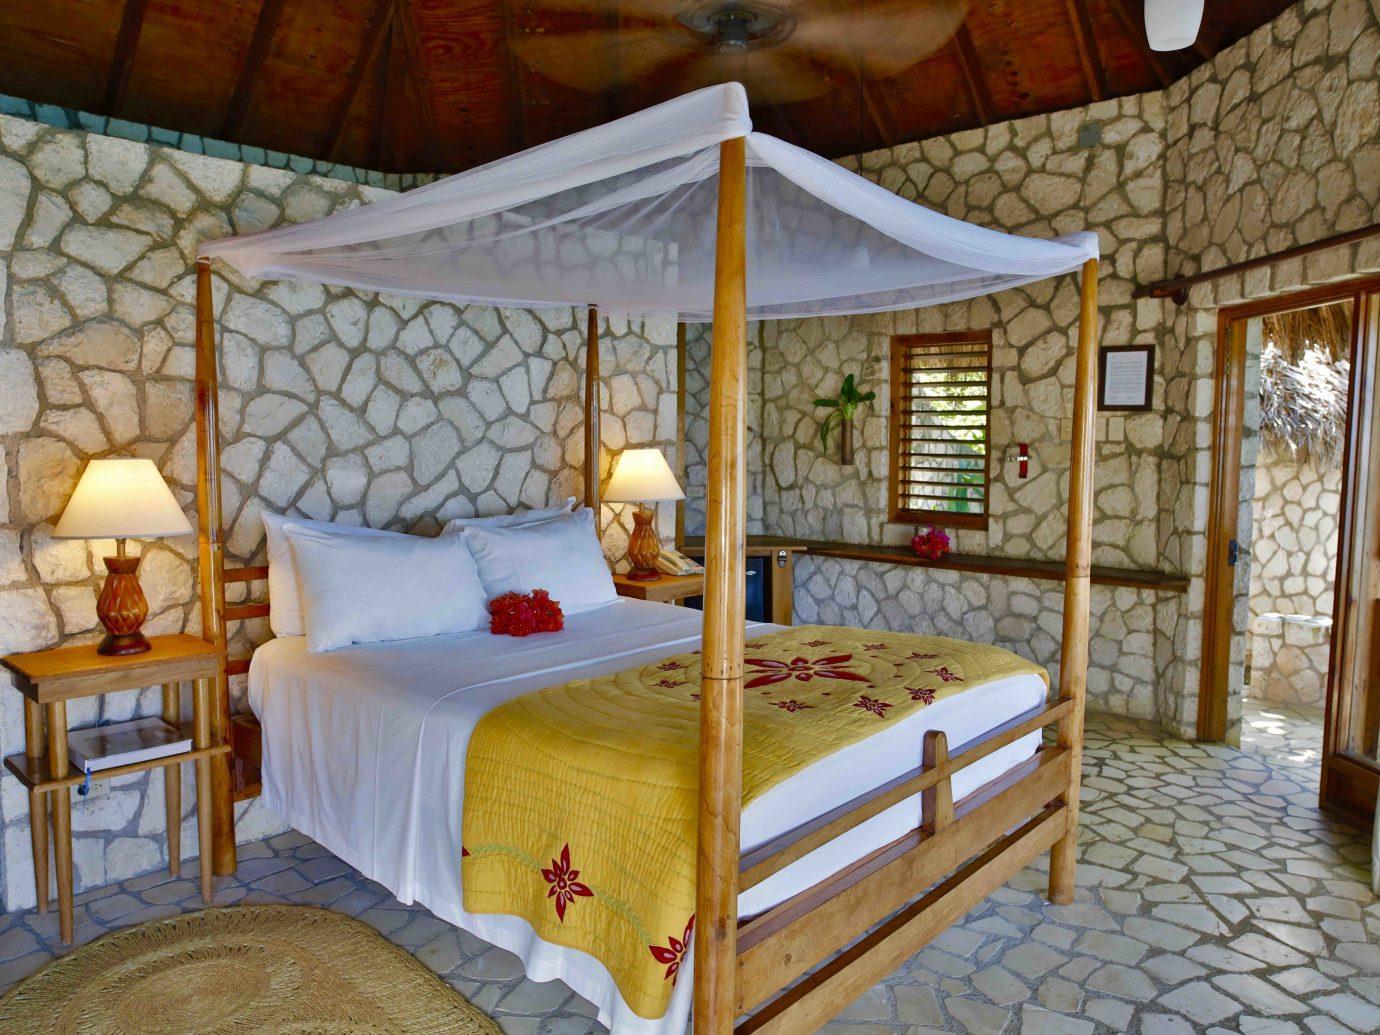 Budget Hotels indoor floor room property bed cottage Resort Villa estate Bedroom real estate furniture farmhouse decorated area wood